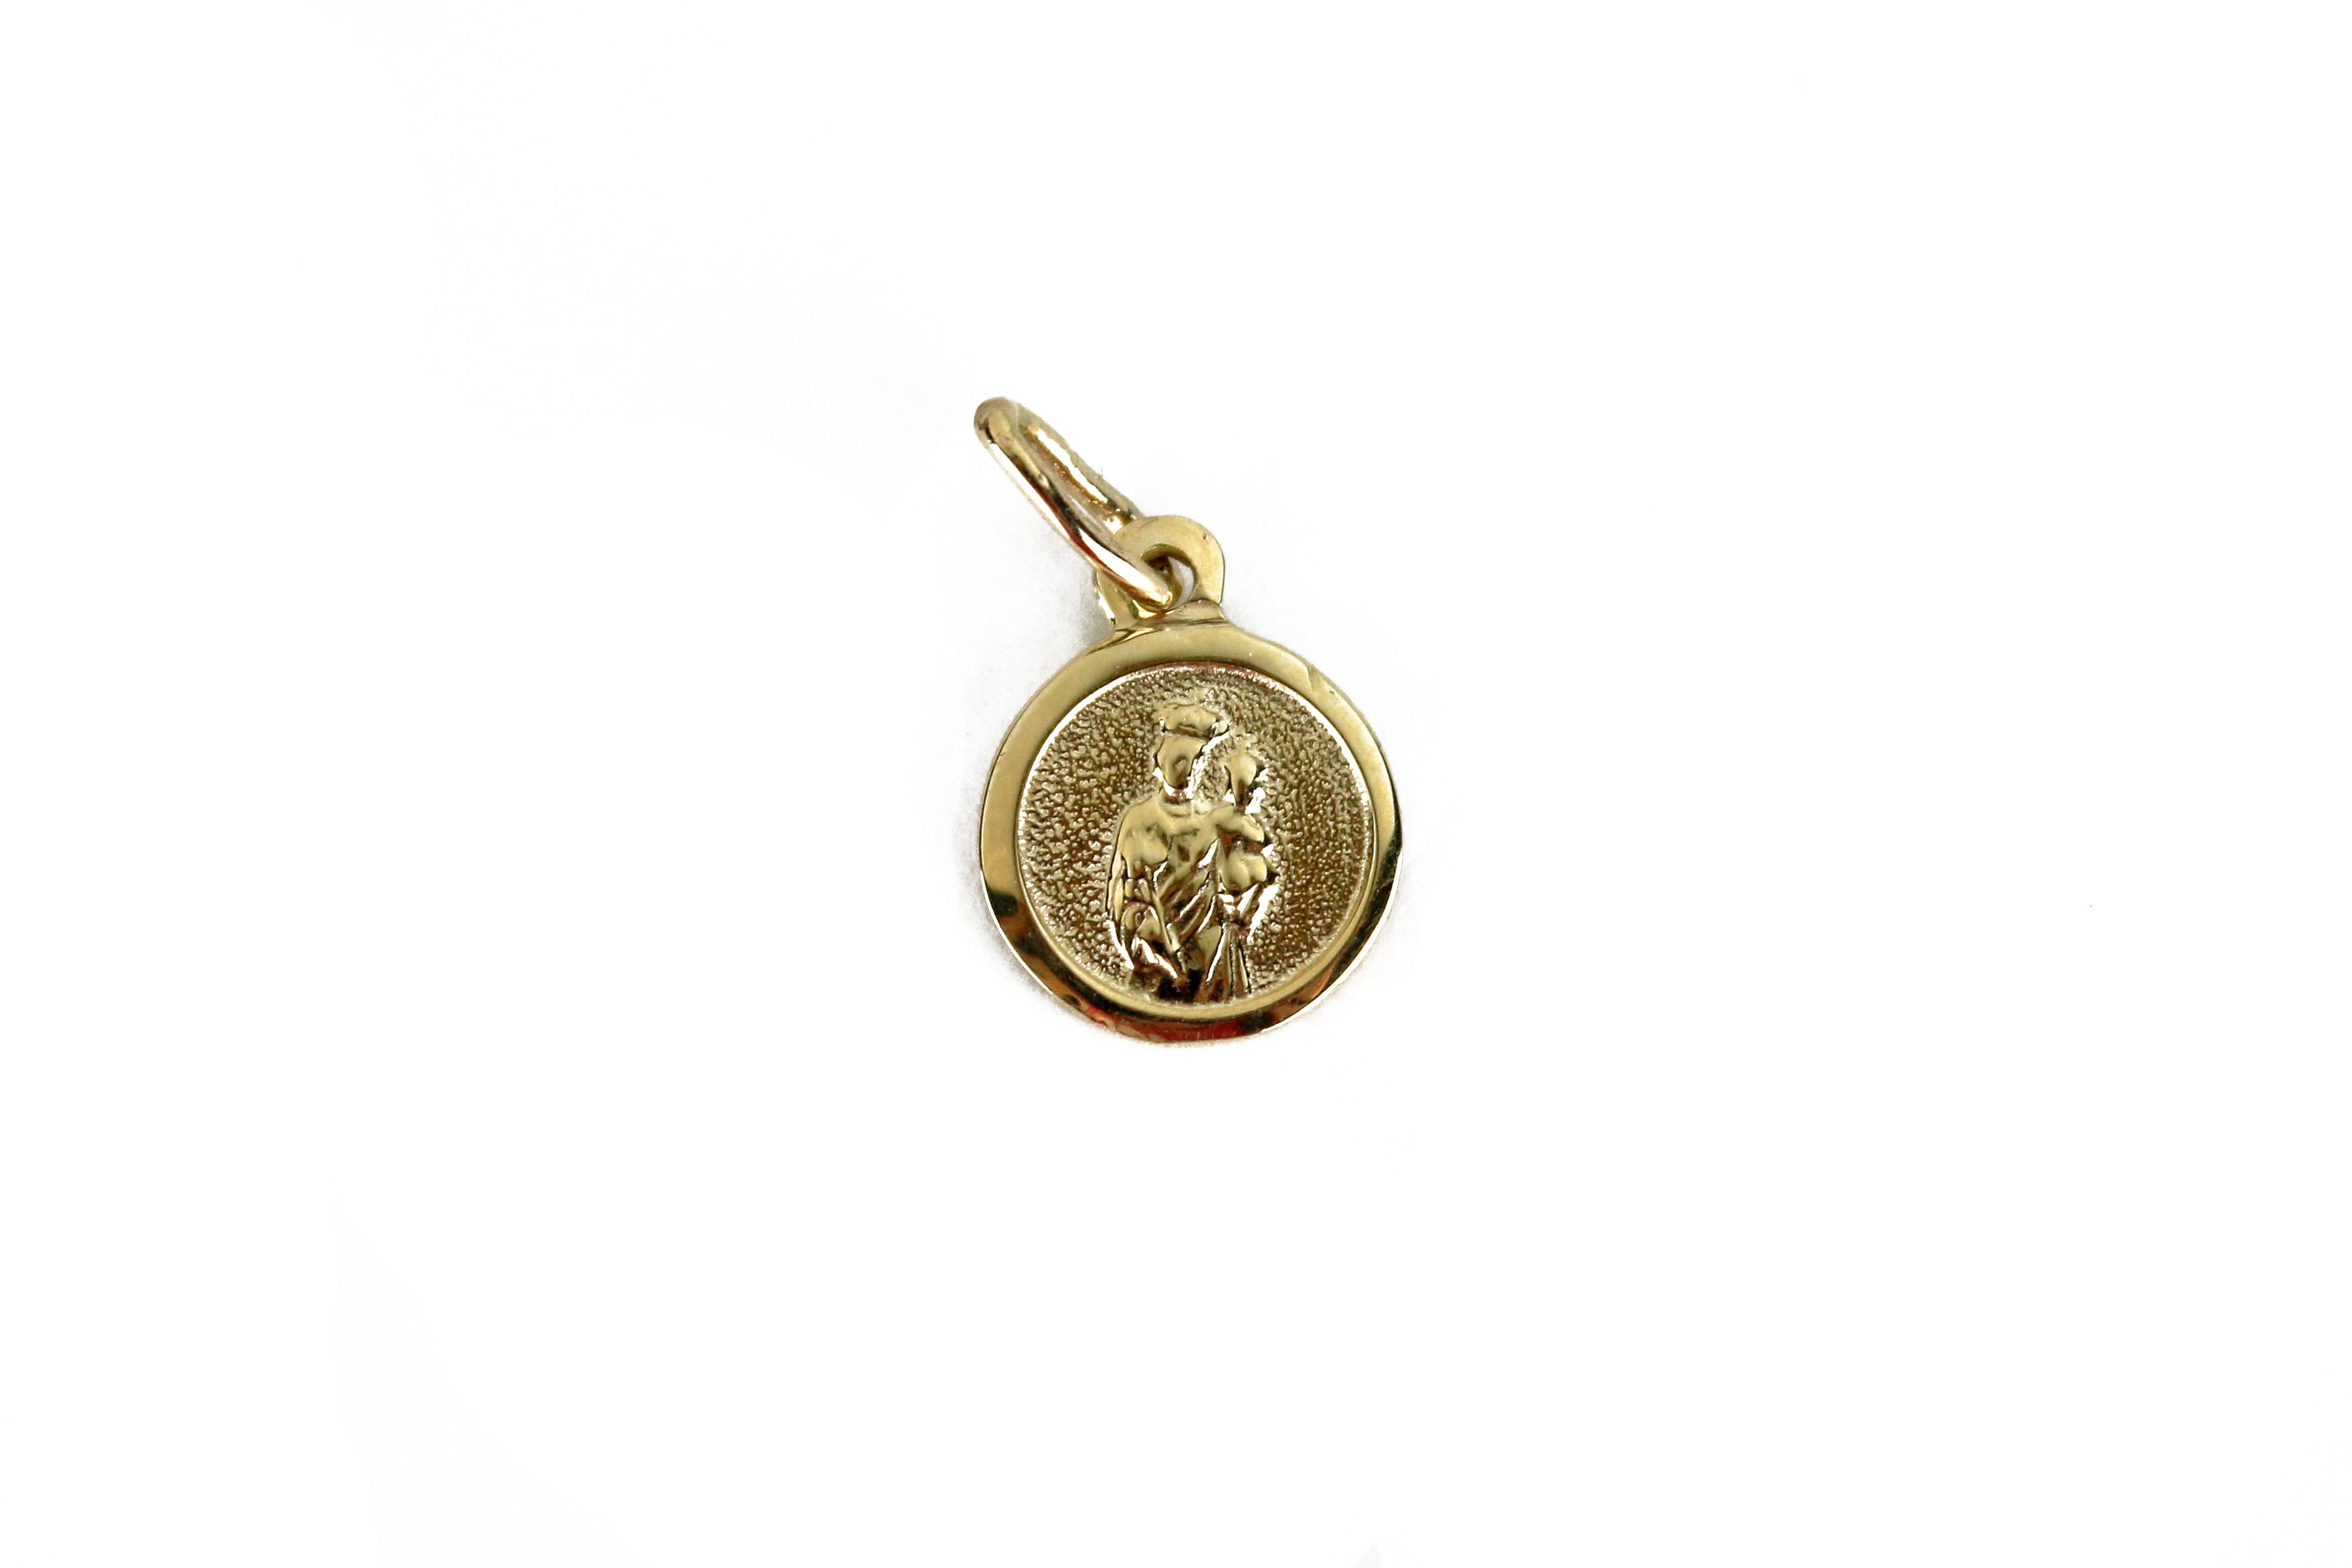 oratoire-st-joseph-medaille-st-joseph-ronde-or10k